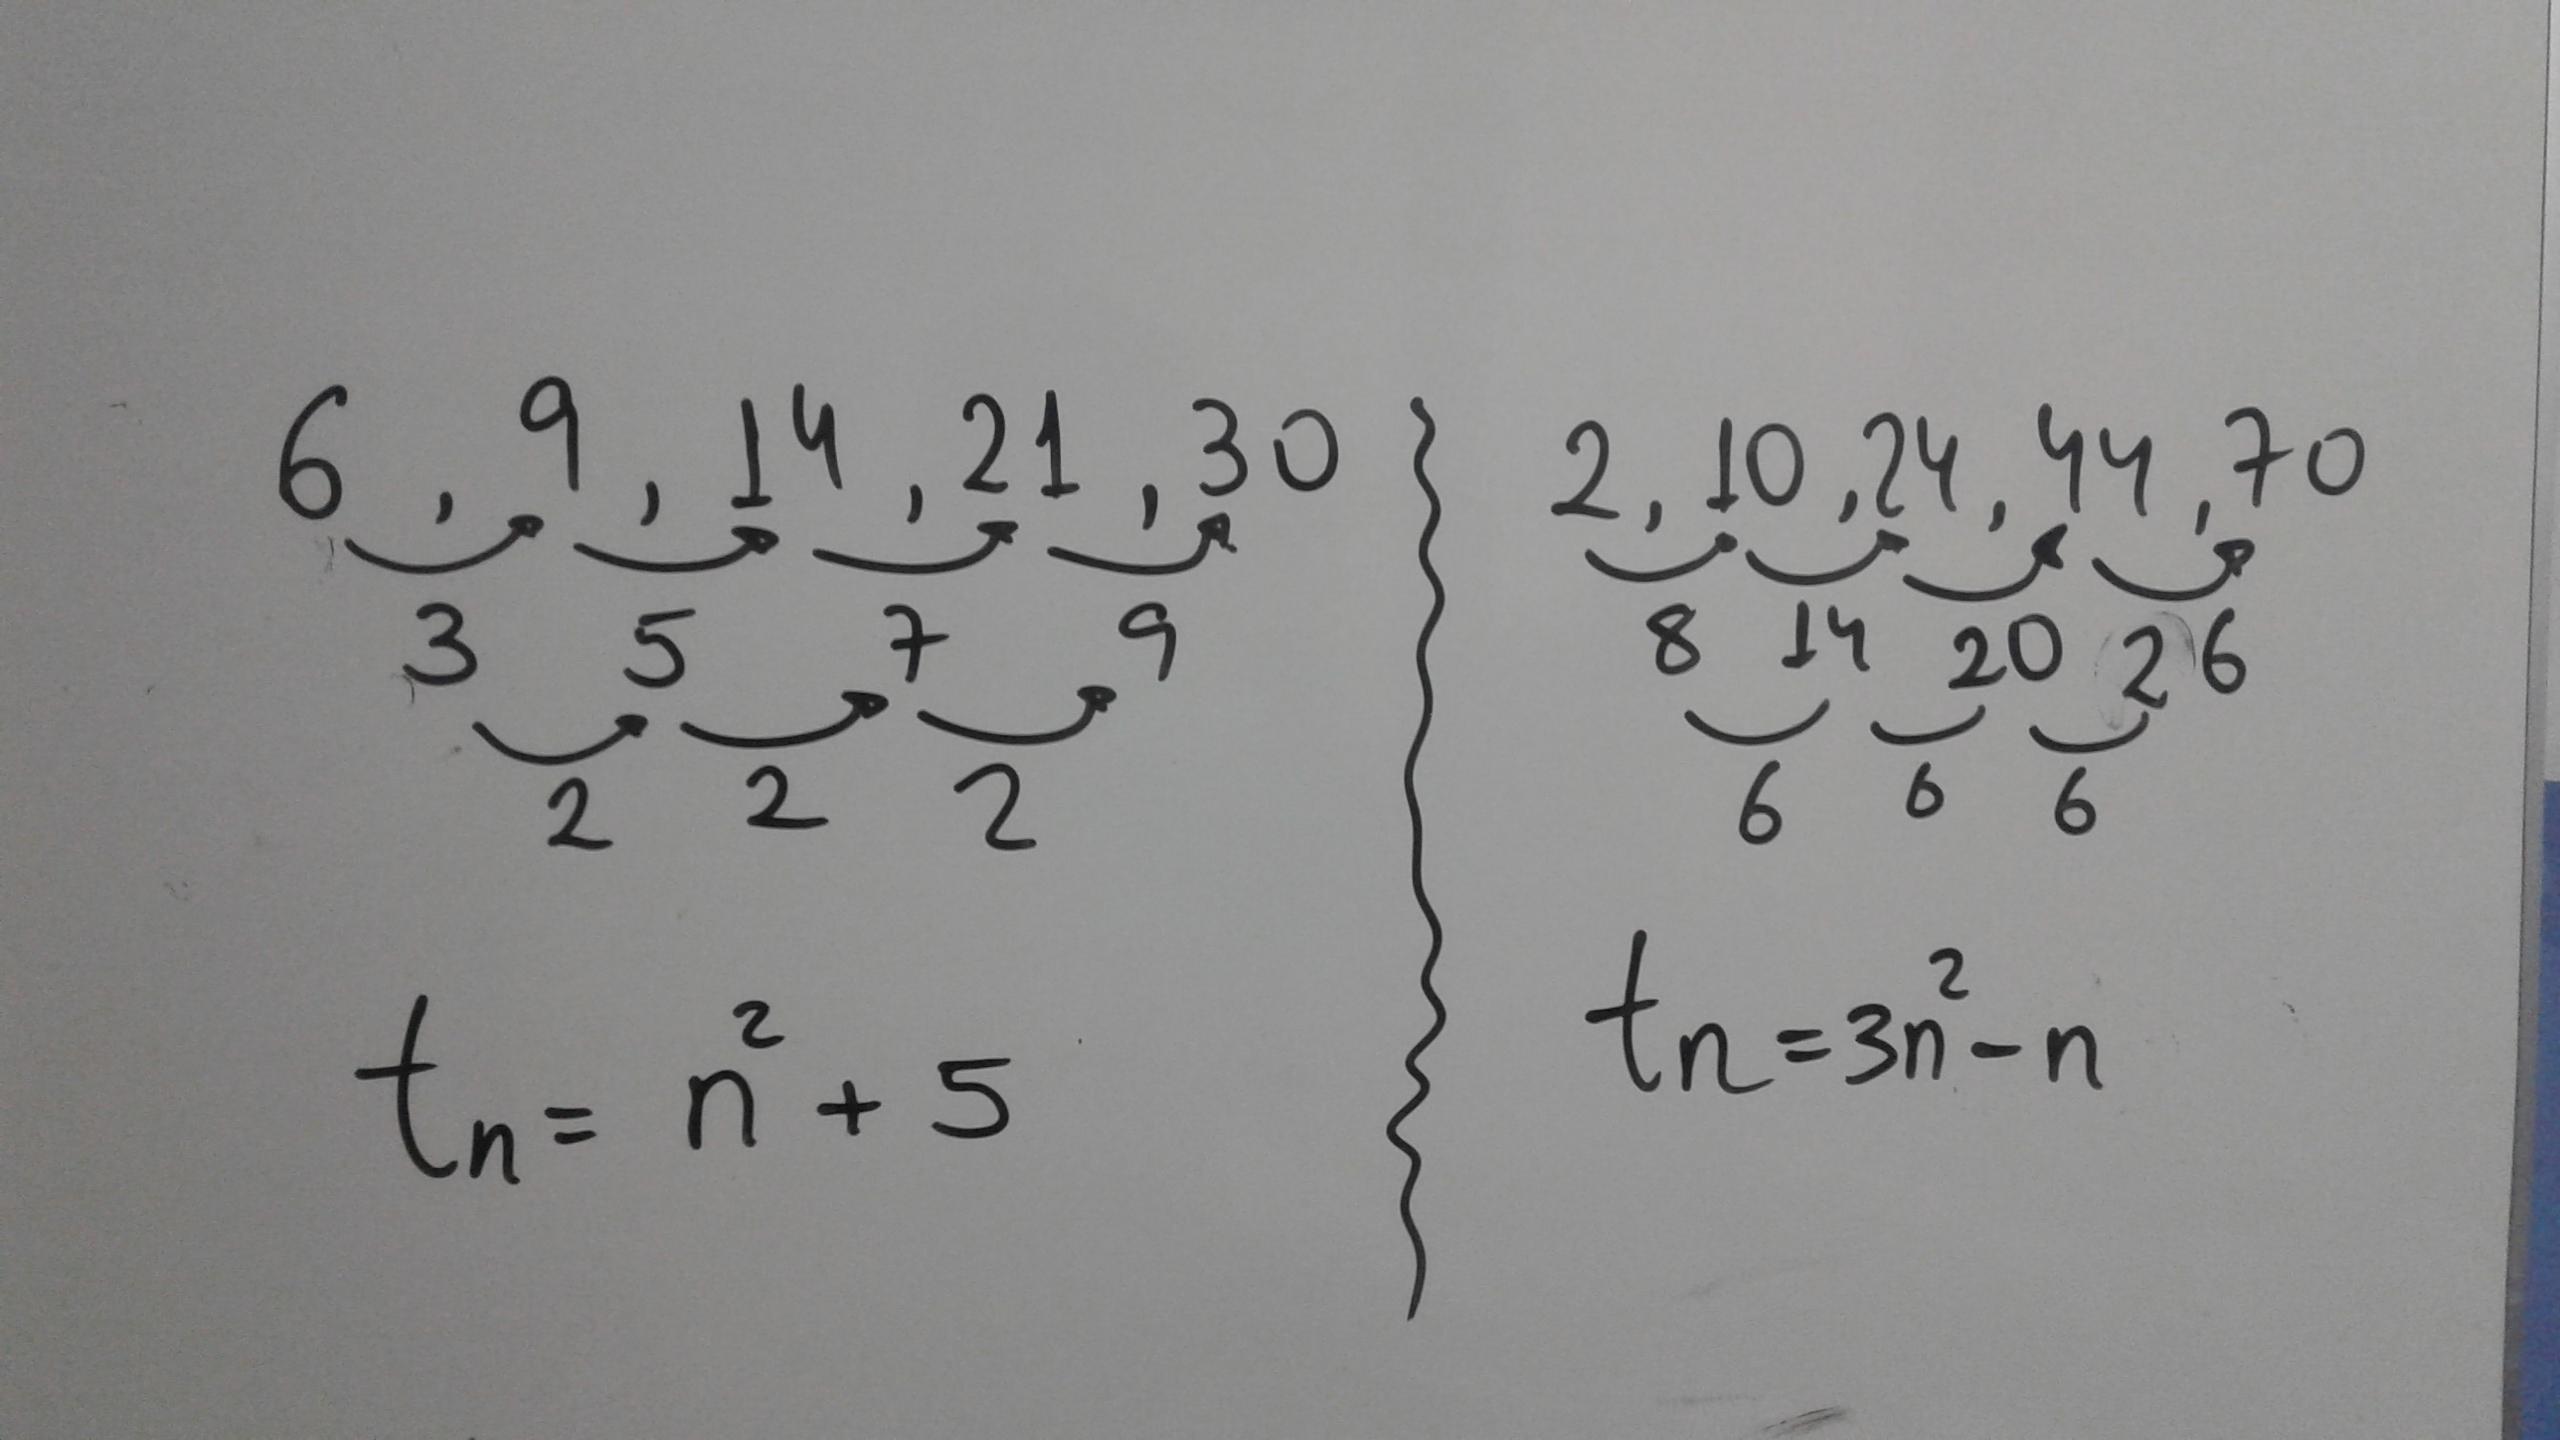 Cual es la regla de la siguiente sucesión numérica cuadrática: 6, 9 ...